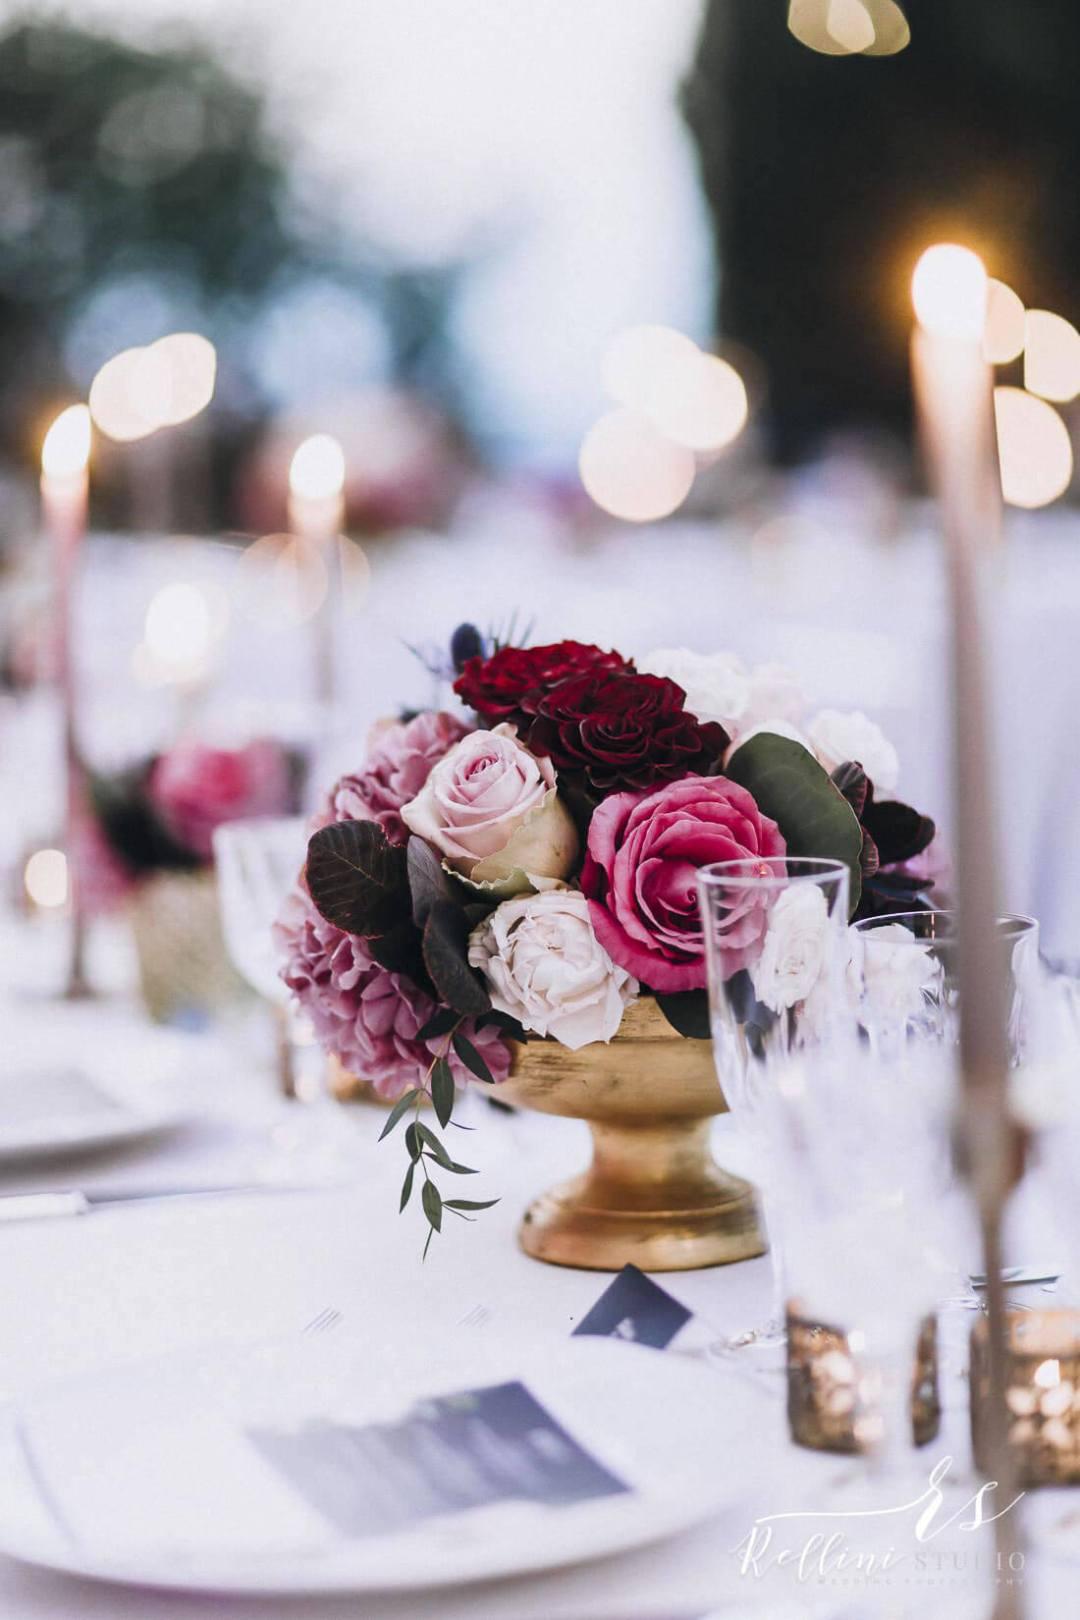 exclusive venue for wedding ceremony of Sara e Christian